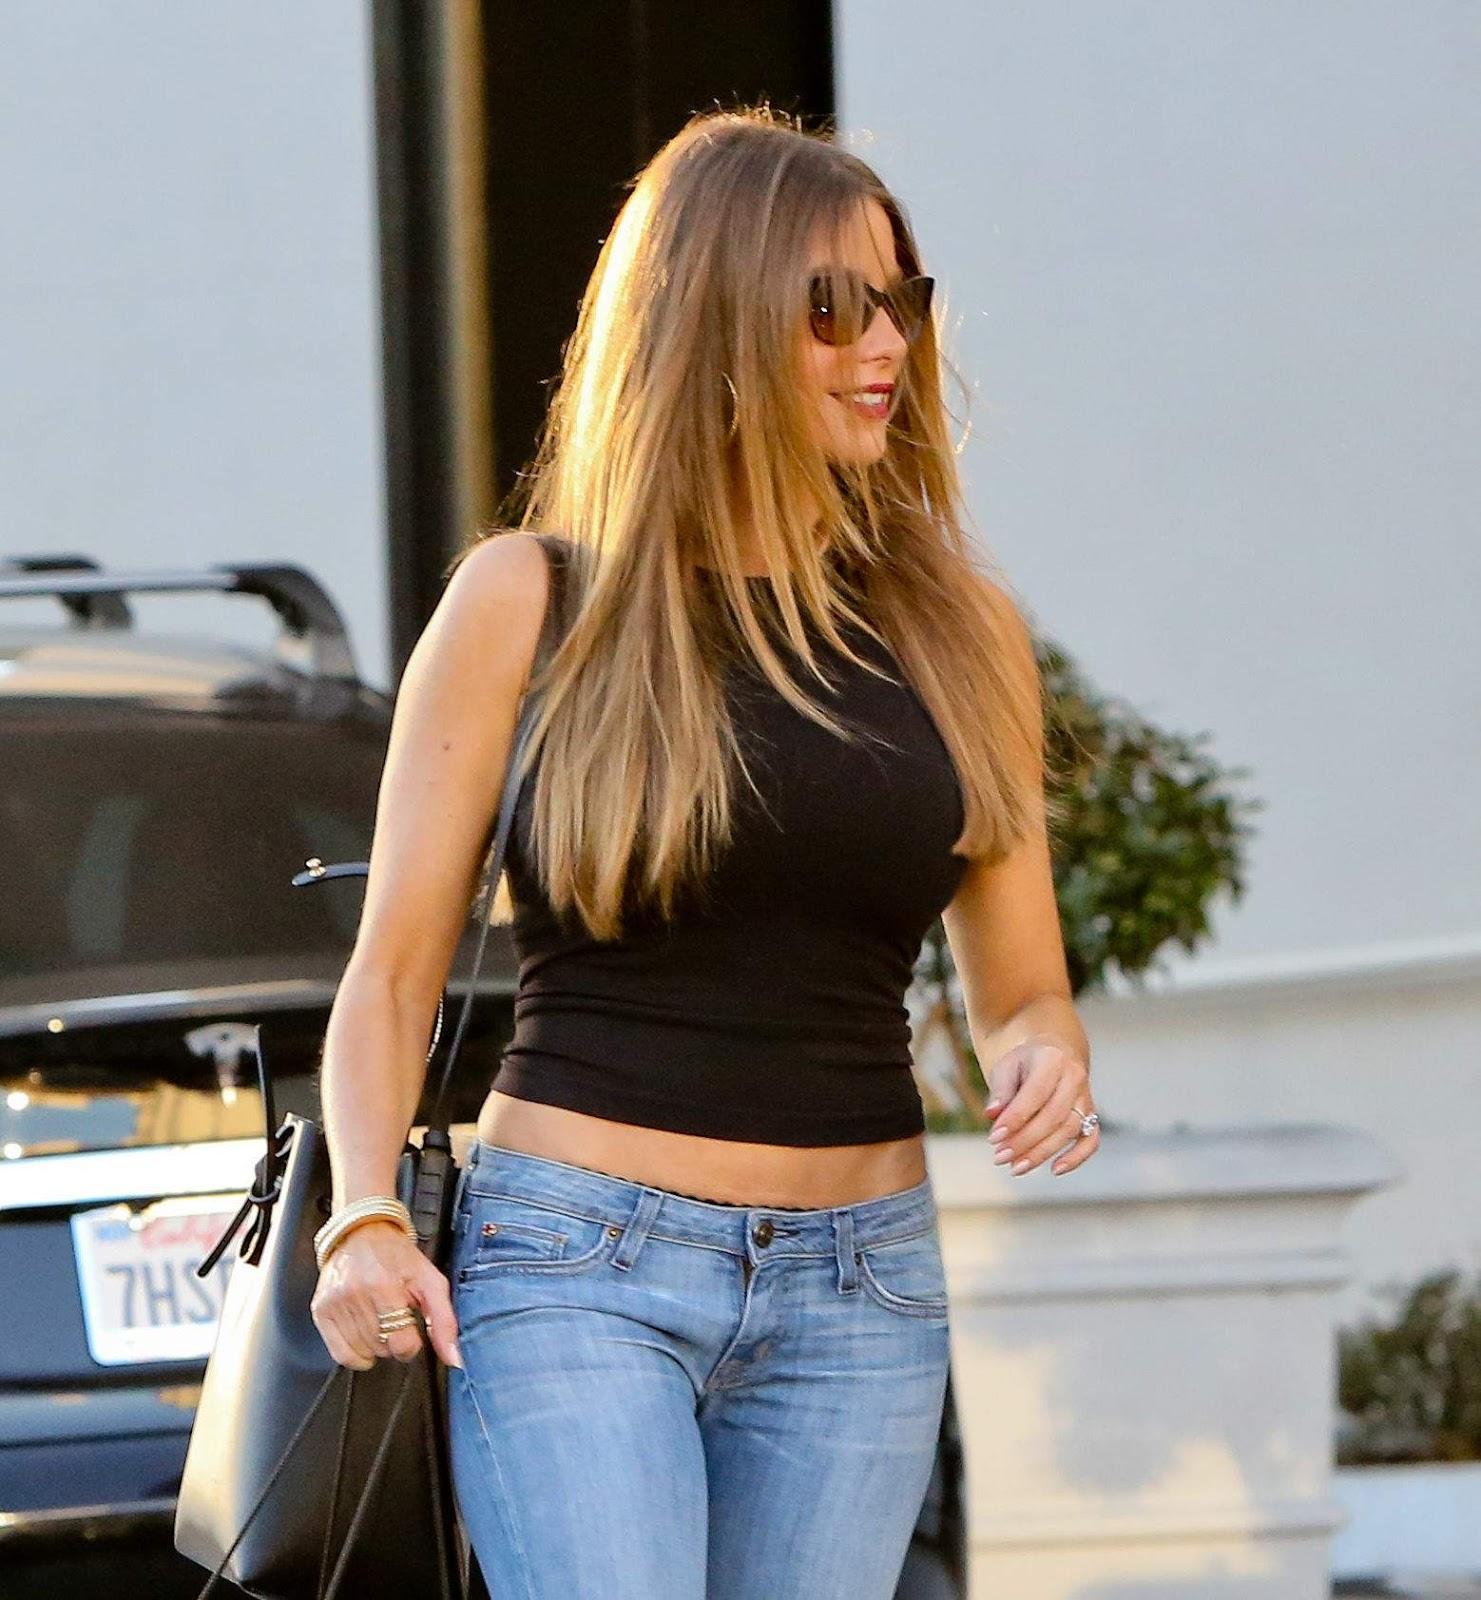 Sofia Vergara in Jeans